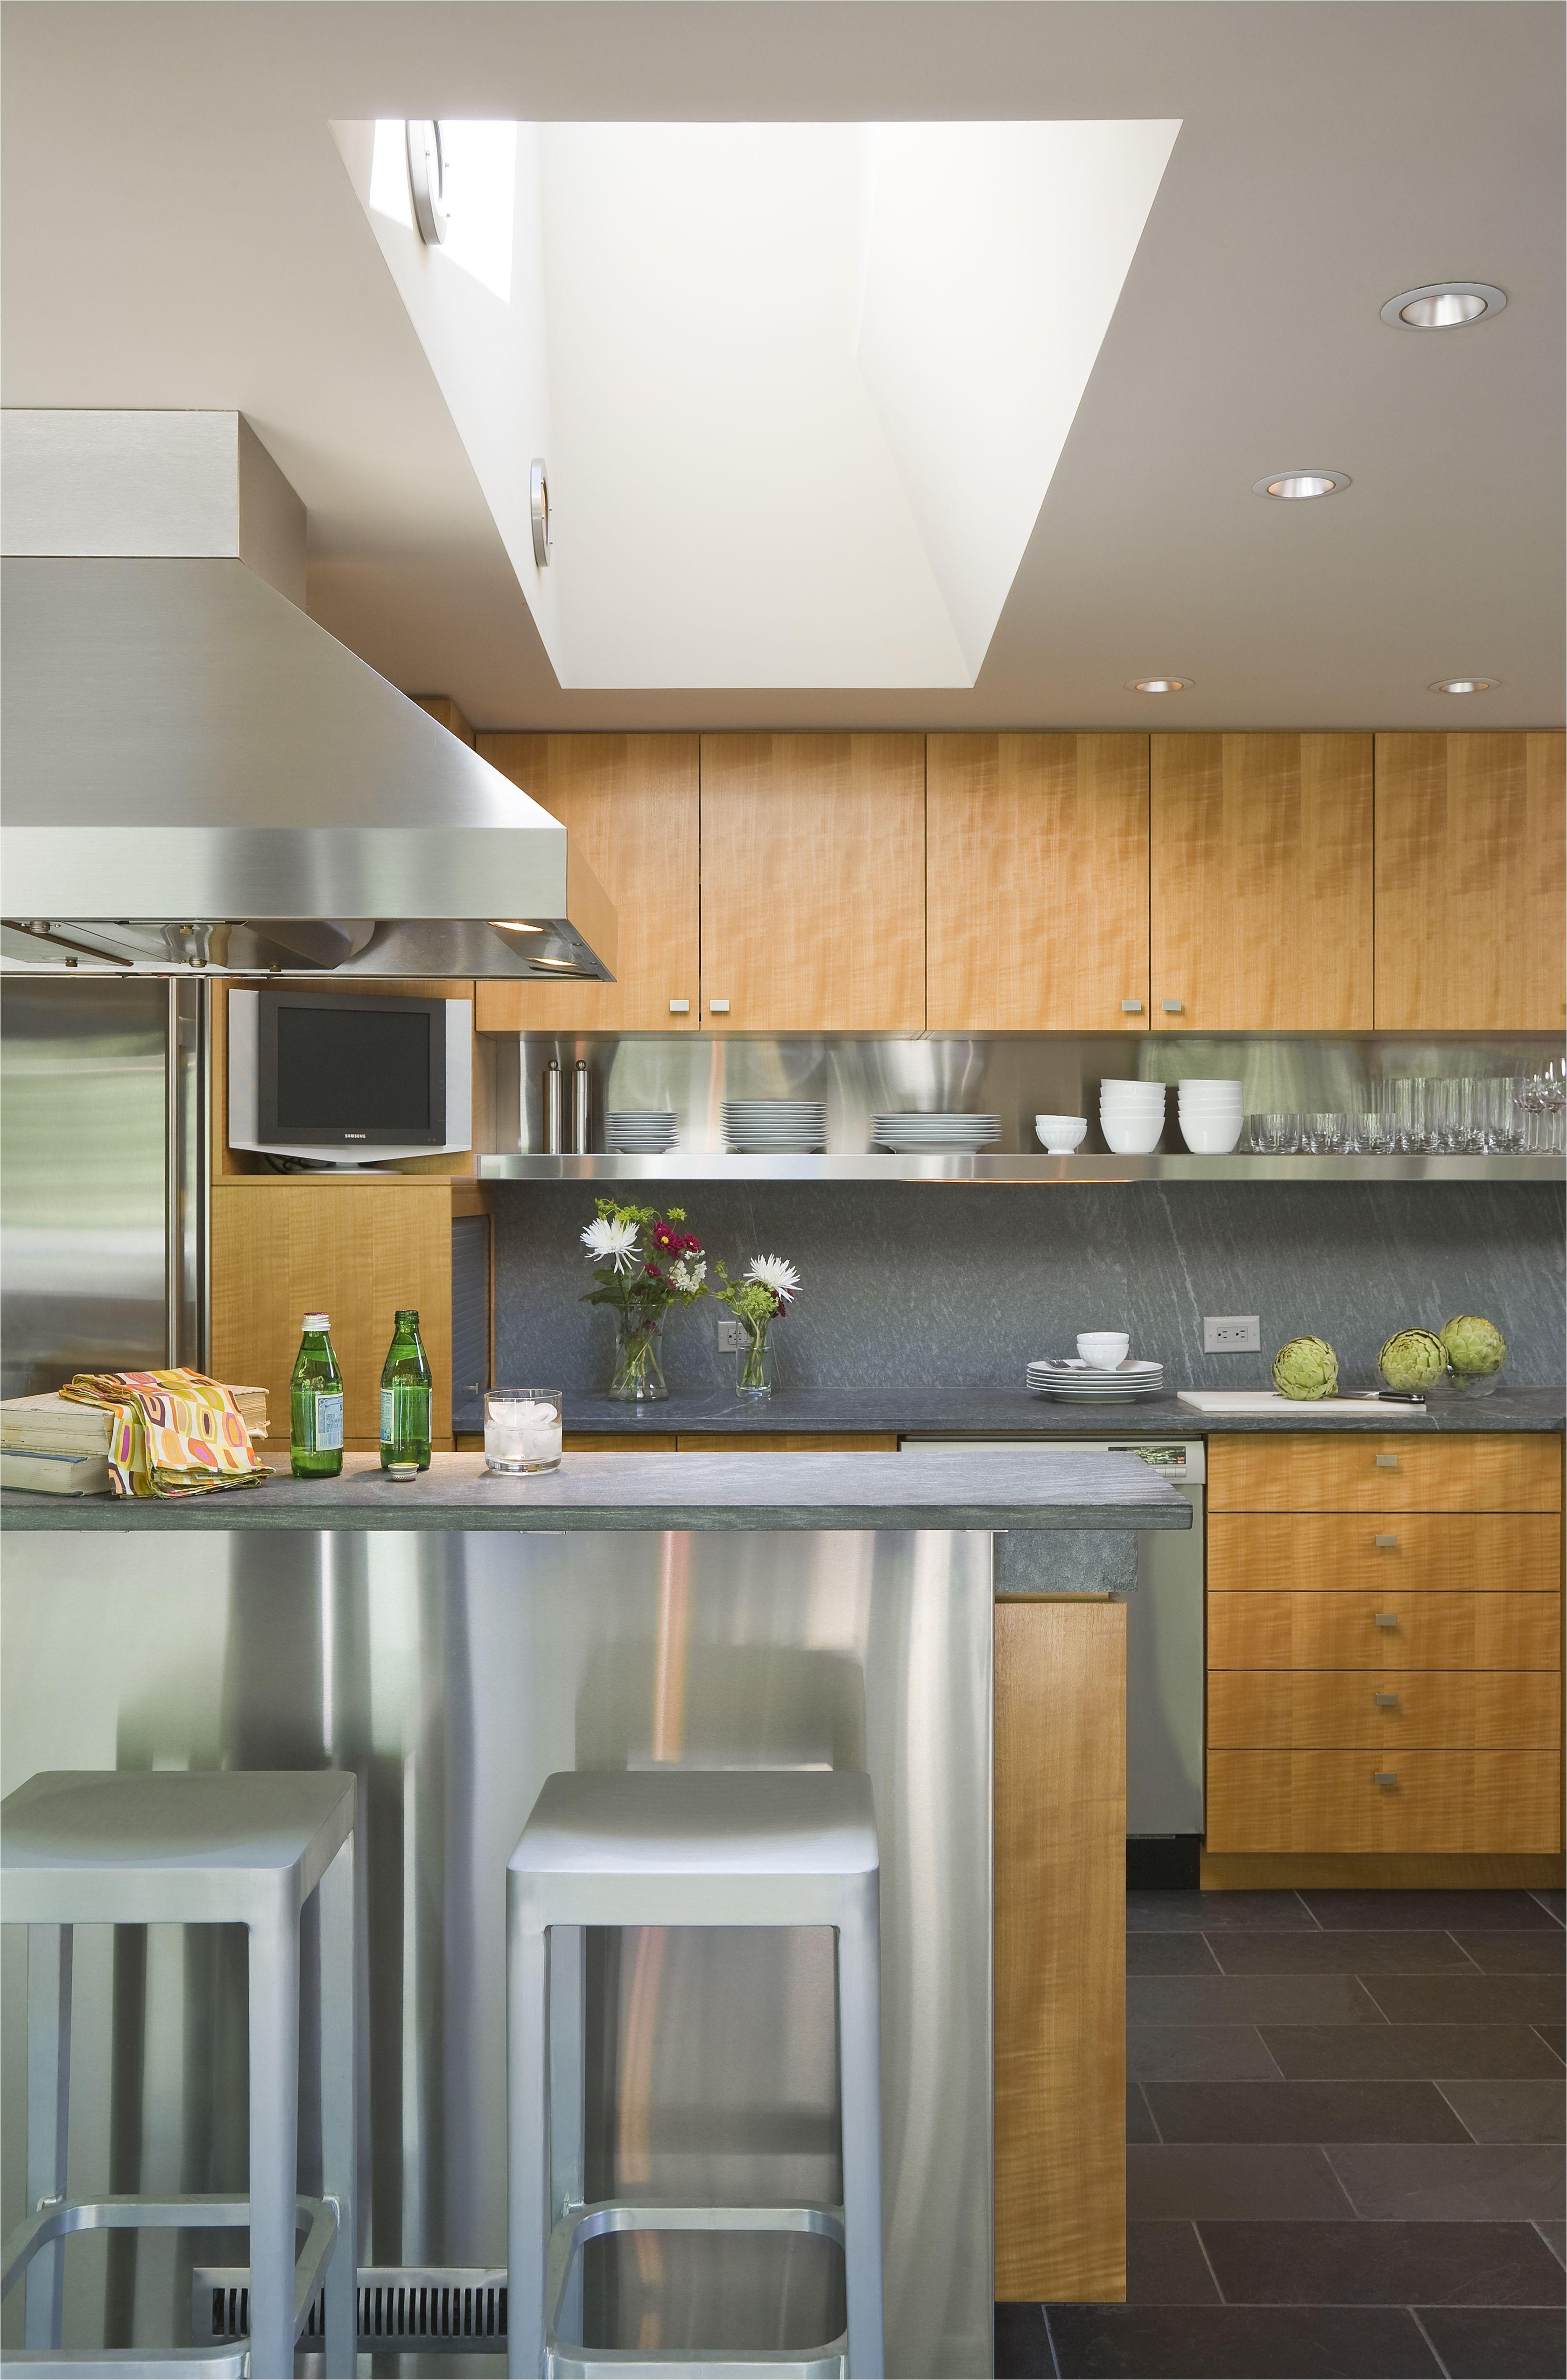 modern kitchen 89127583 582b3f043df78c6f6a9965a7 jpg